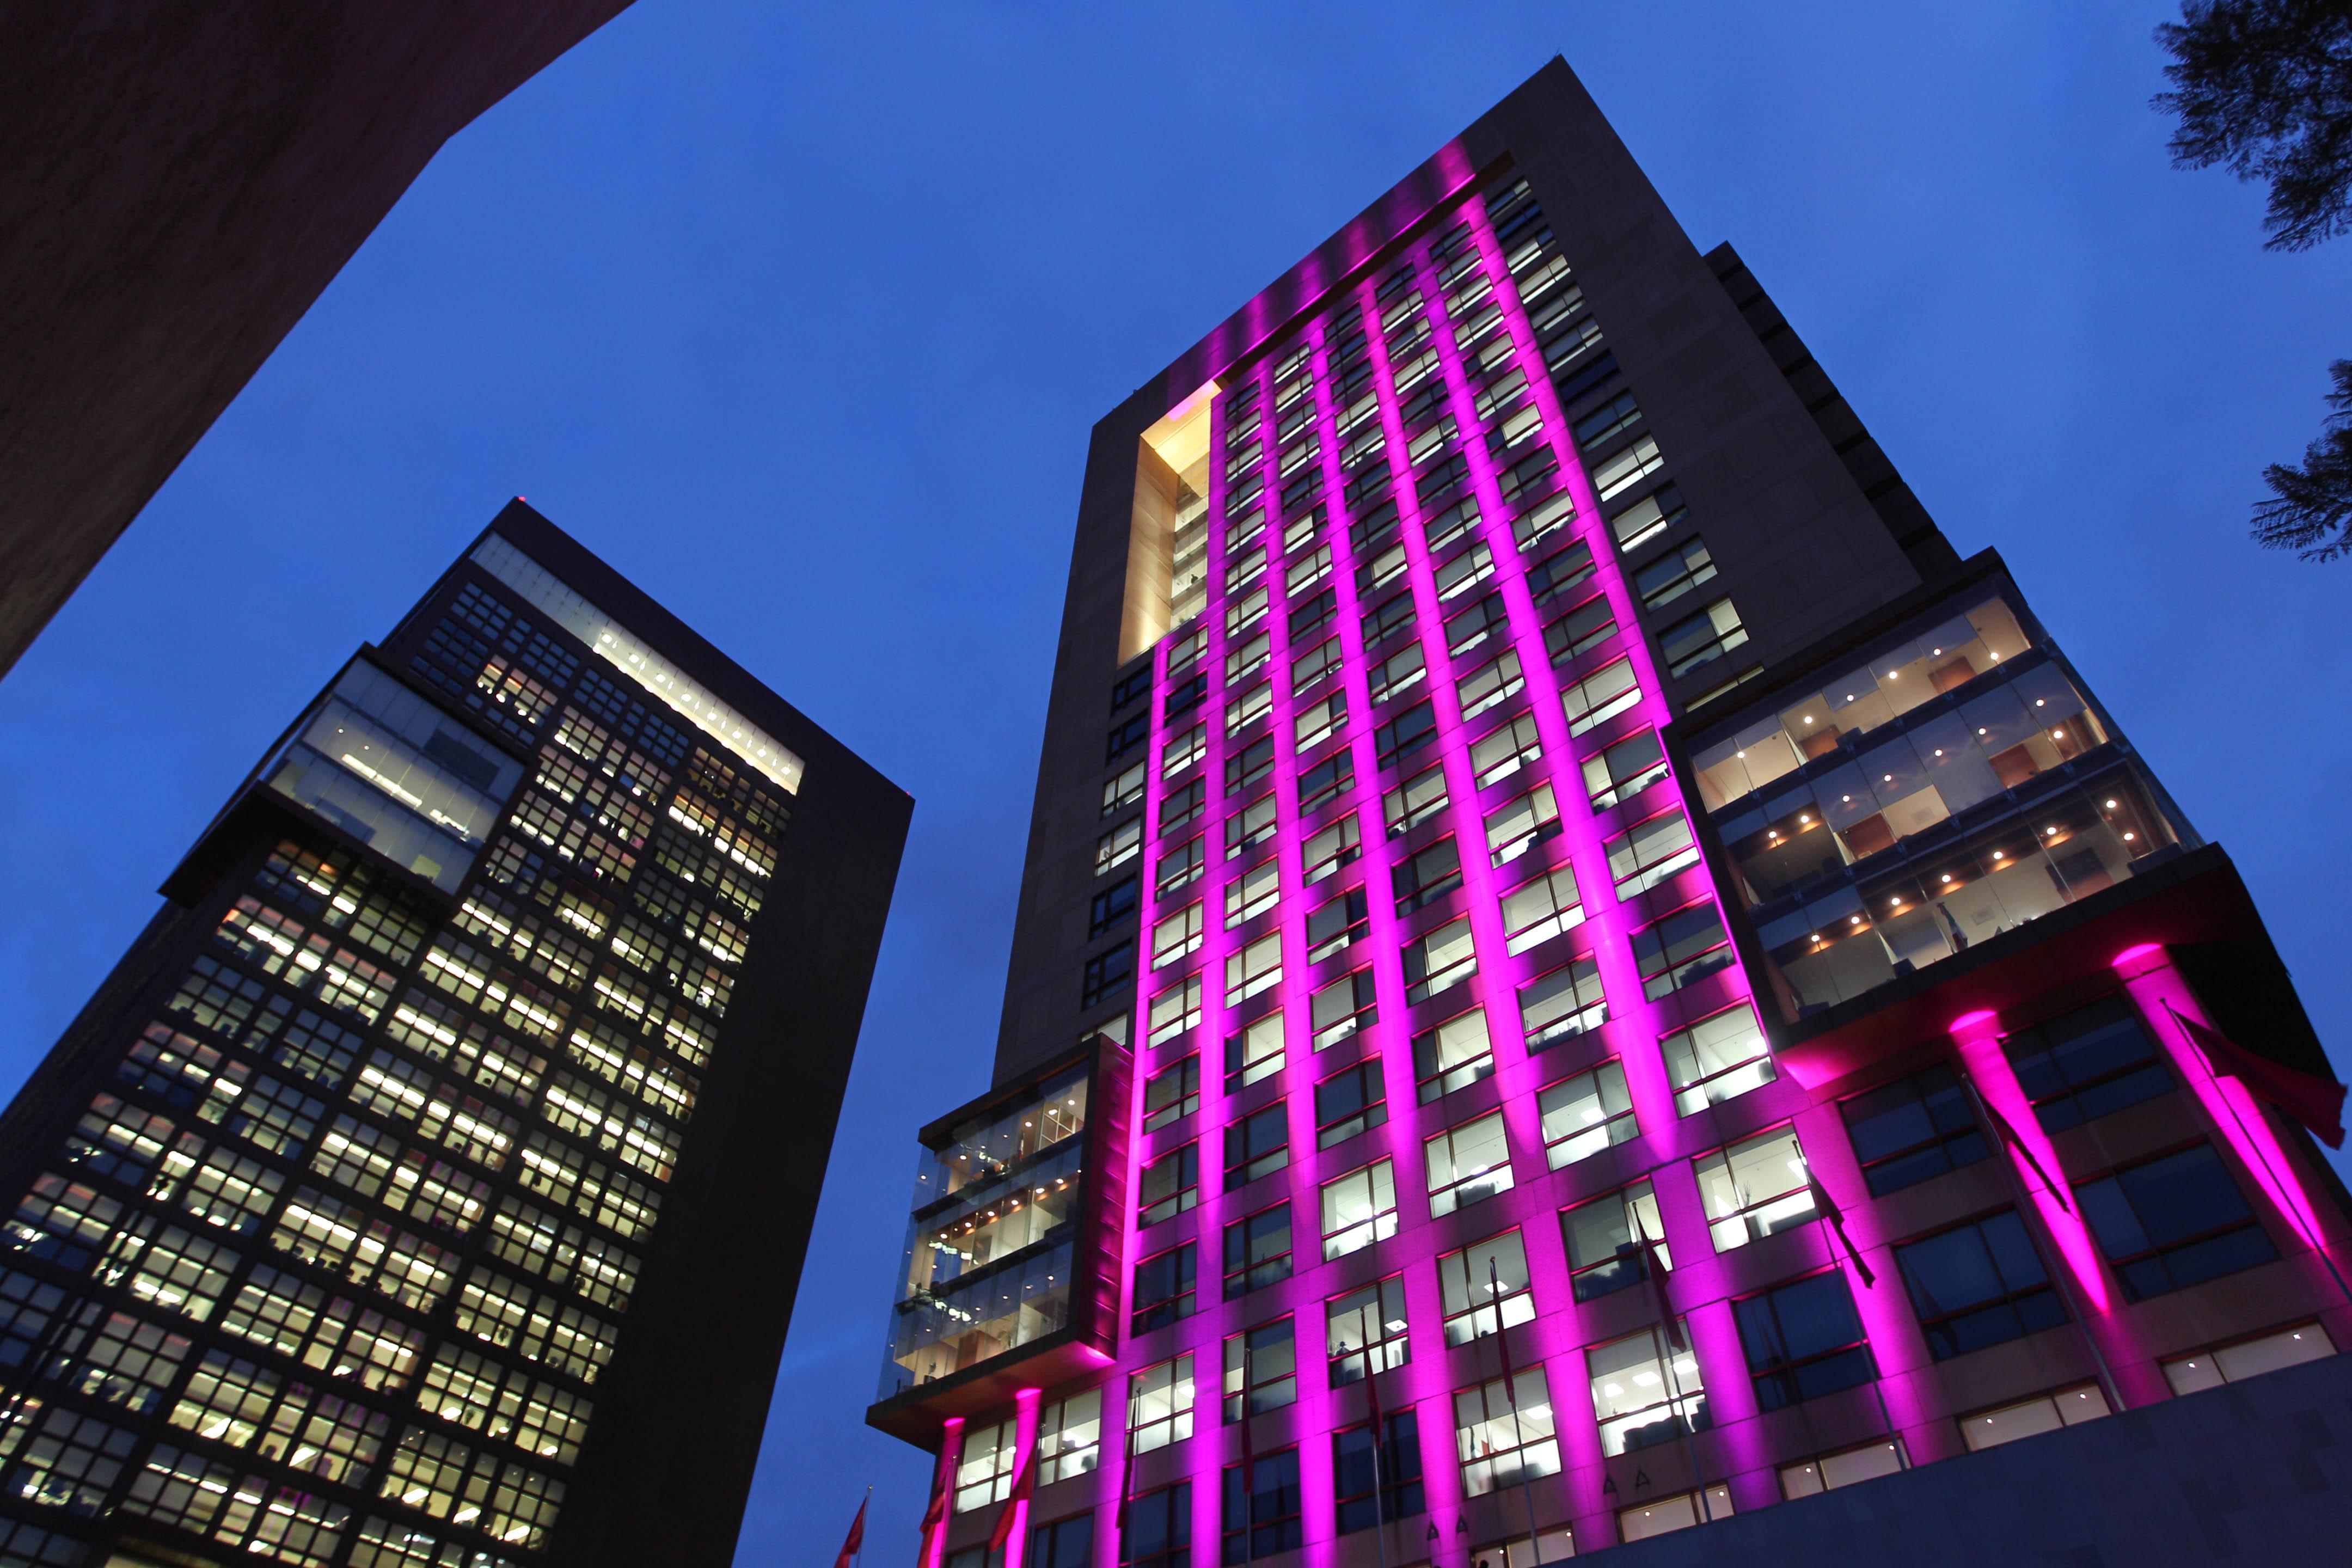 FOTO 1 Edificio de la SRE se ilumina de rosa en el D a internacional de la lucha contra el c ncer de mama.jpg